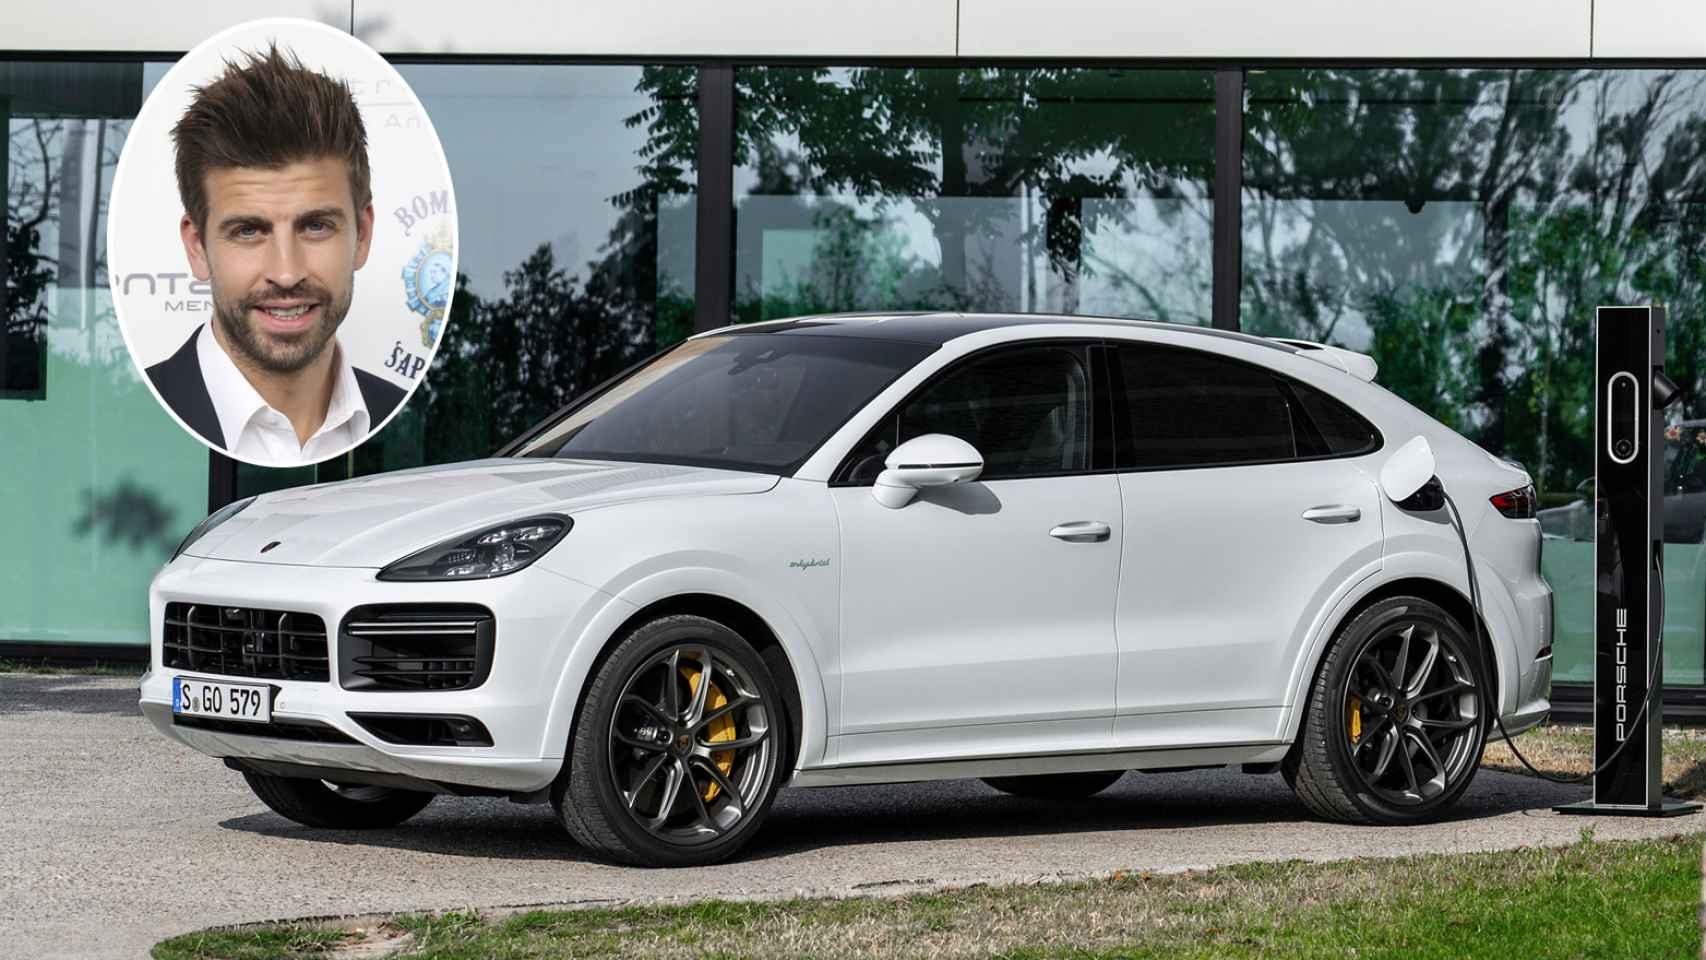 El nuevo coche de Gerard Piqué, un Porsche de 100.000 € y 462 CV; repasamos sus últimos vehículos